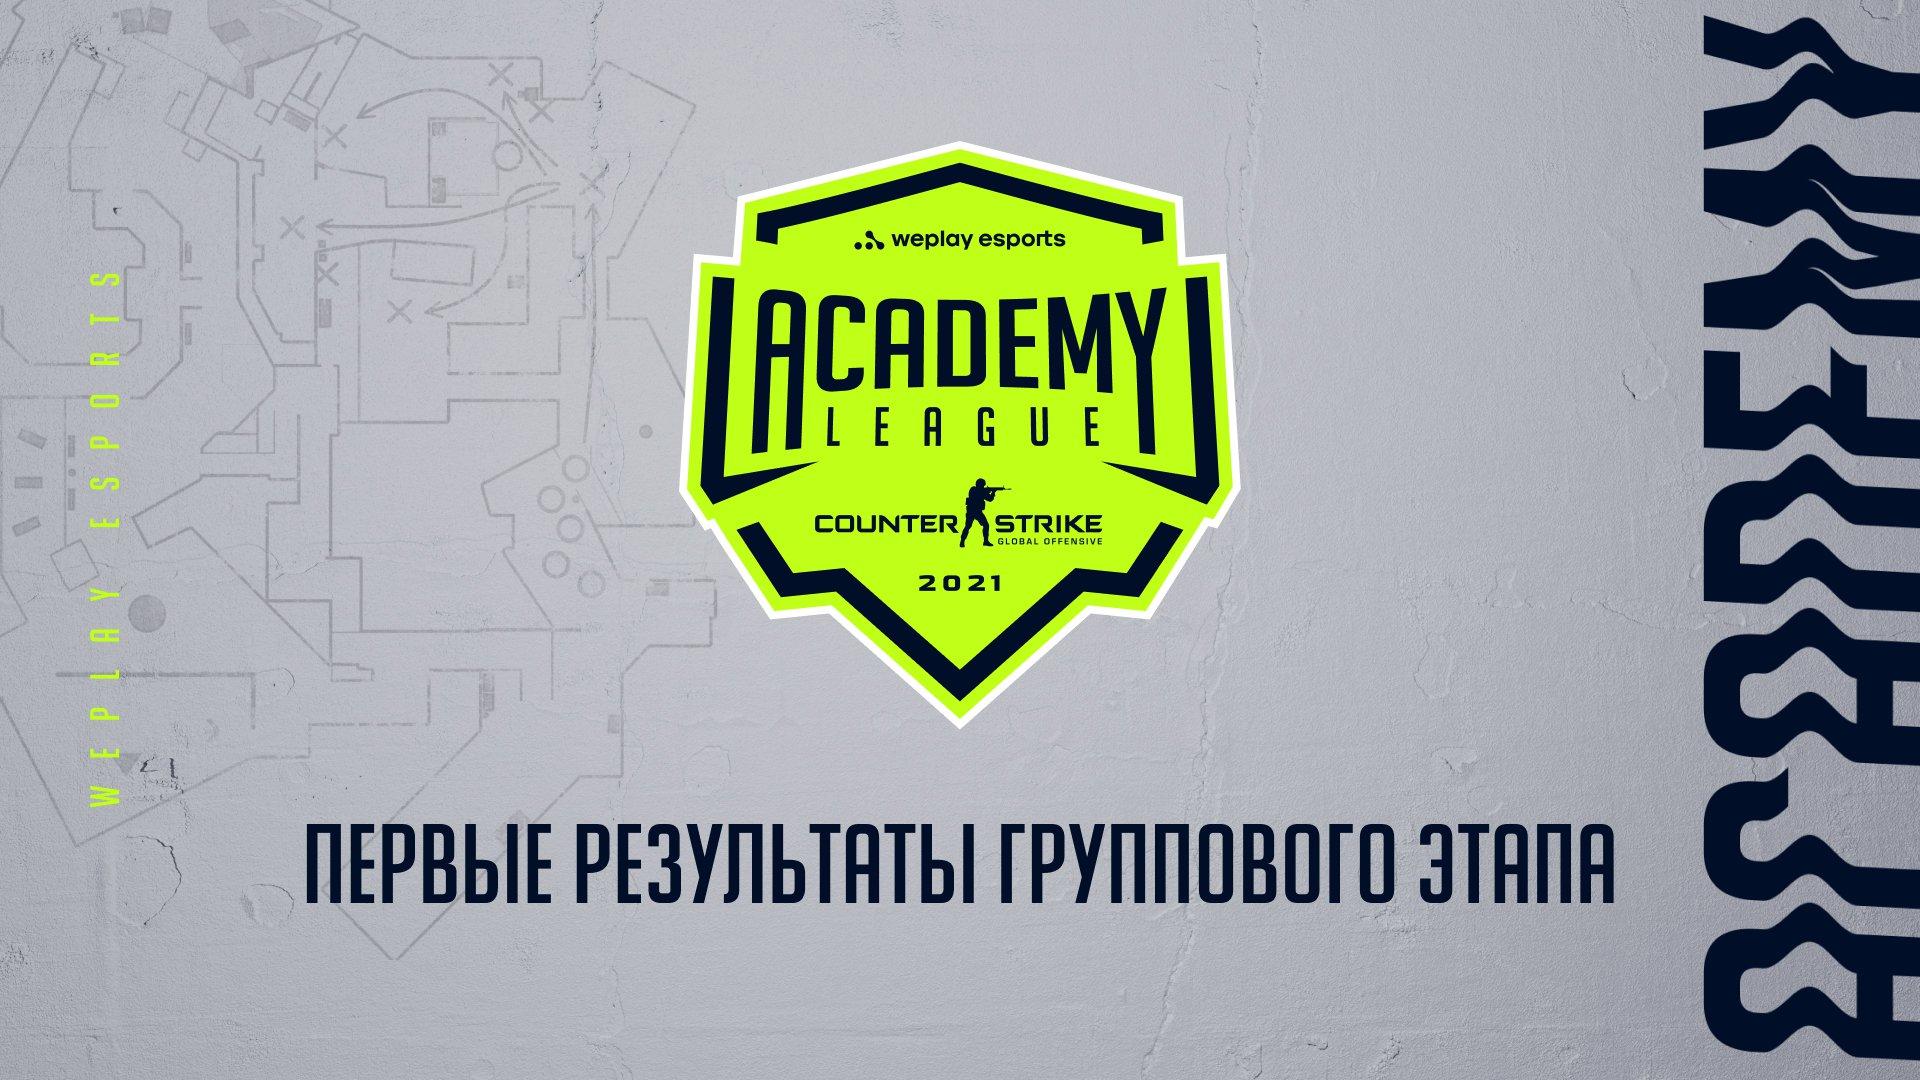 Первые результаты группового этапа WePlay Academy League Season 2. Изображение: WePlay Holding